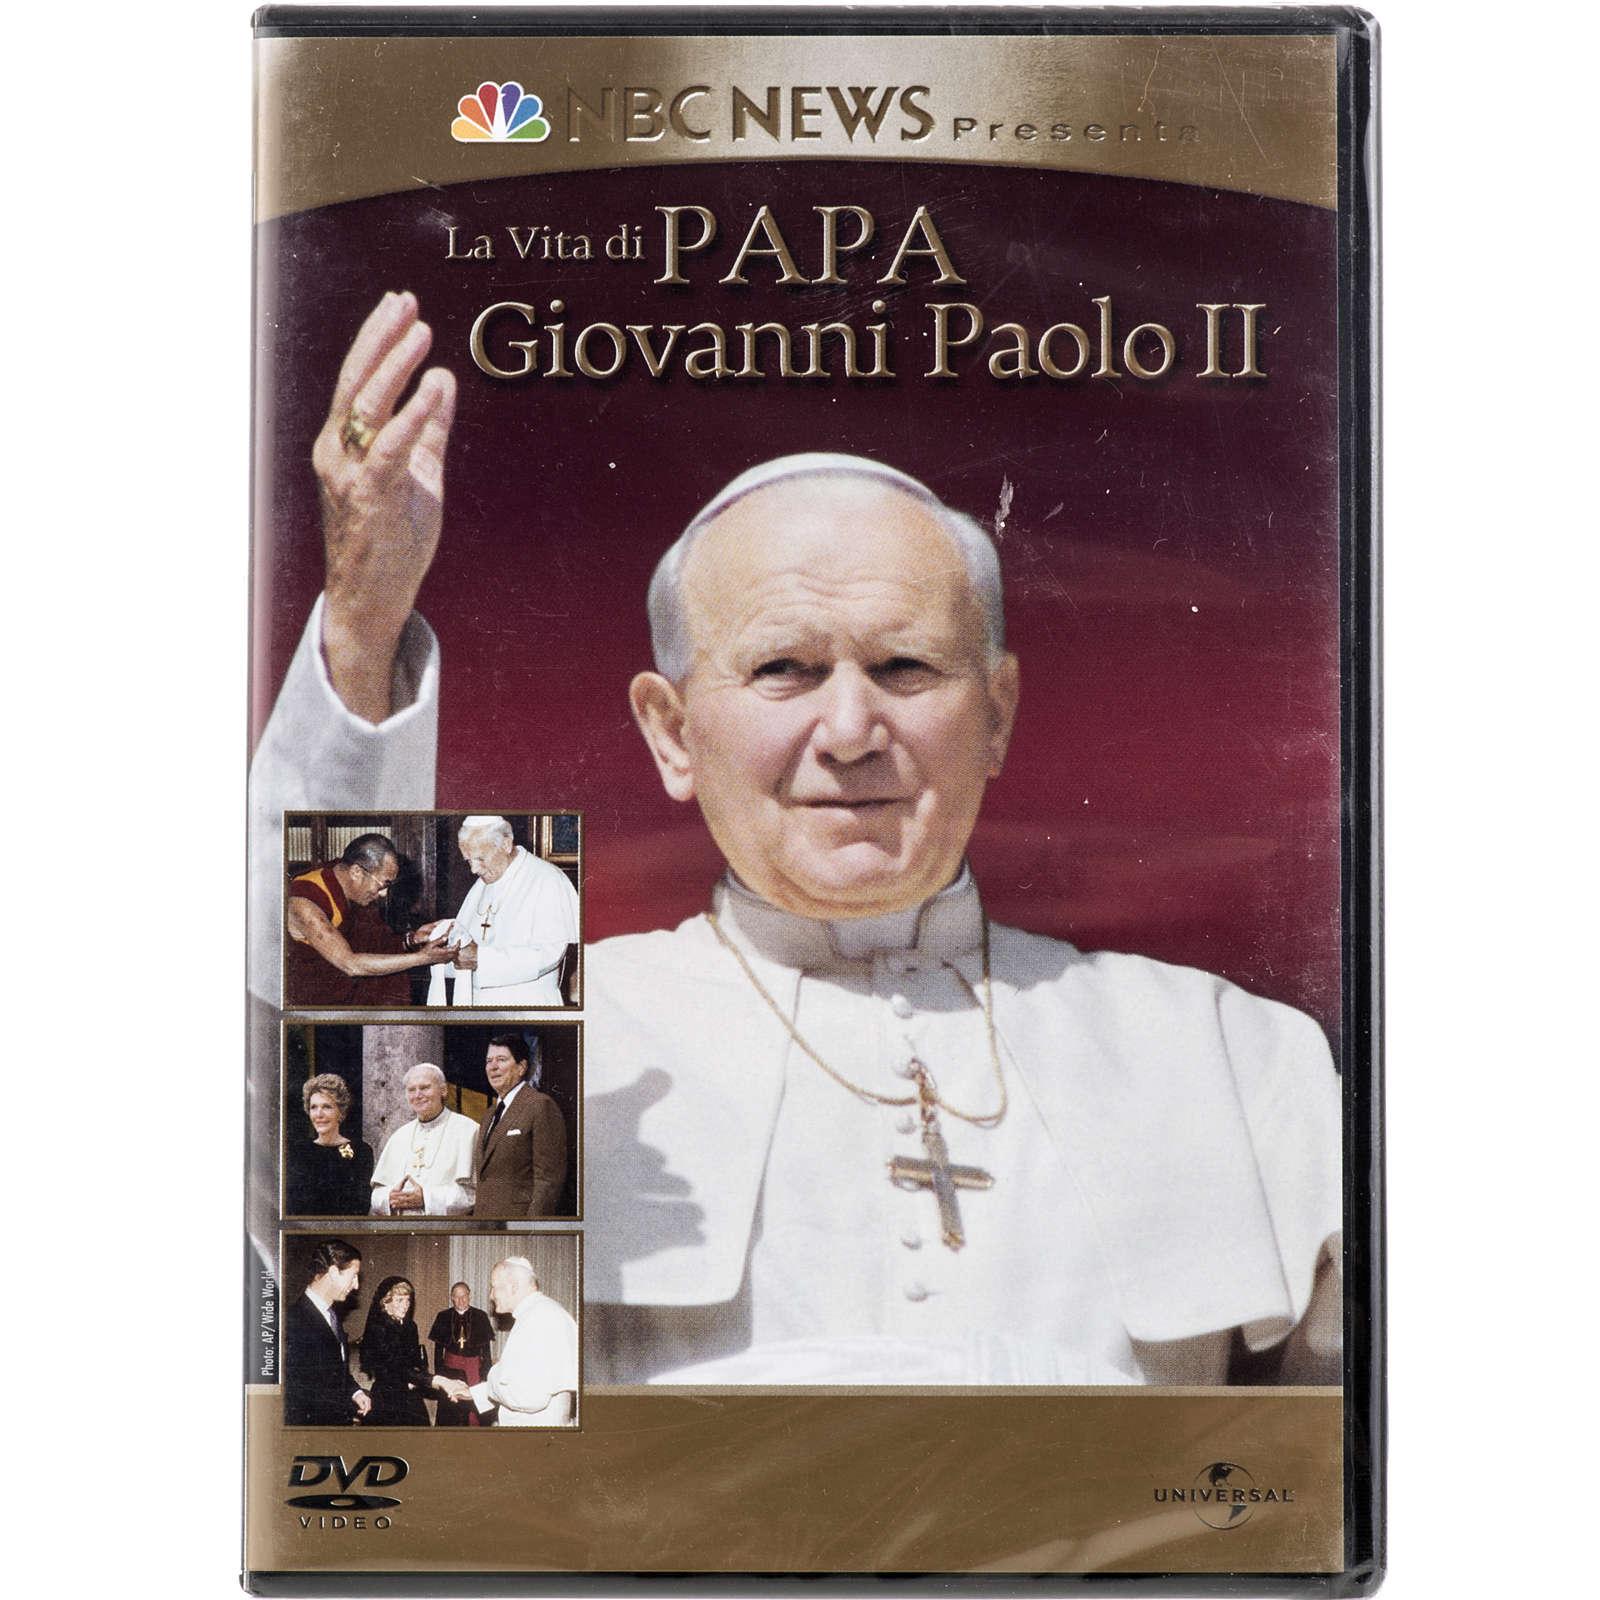 La vita di Papa Giovanni Paolo II 3